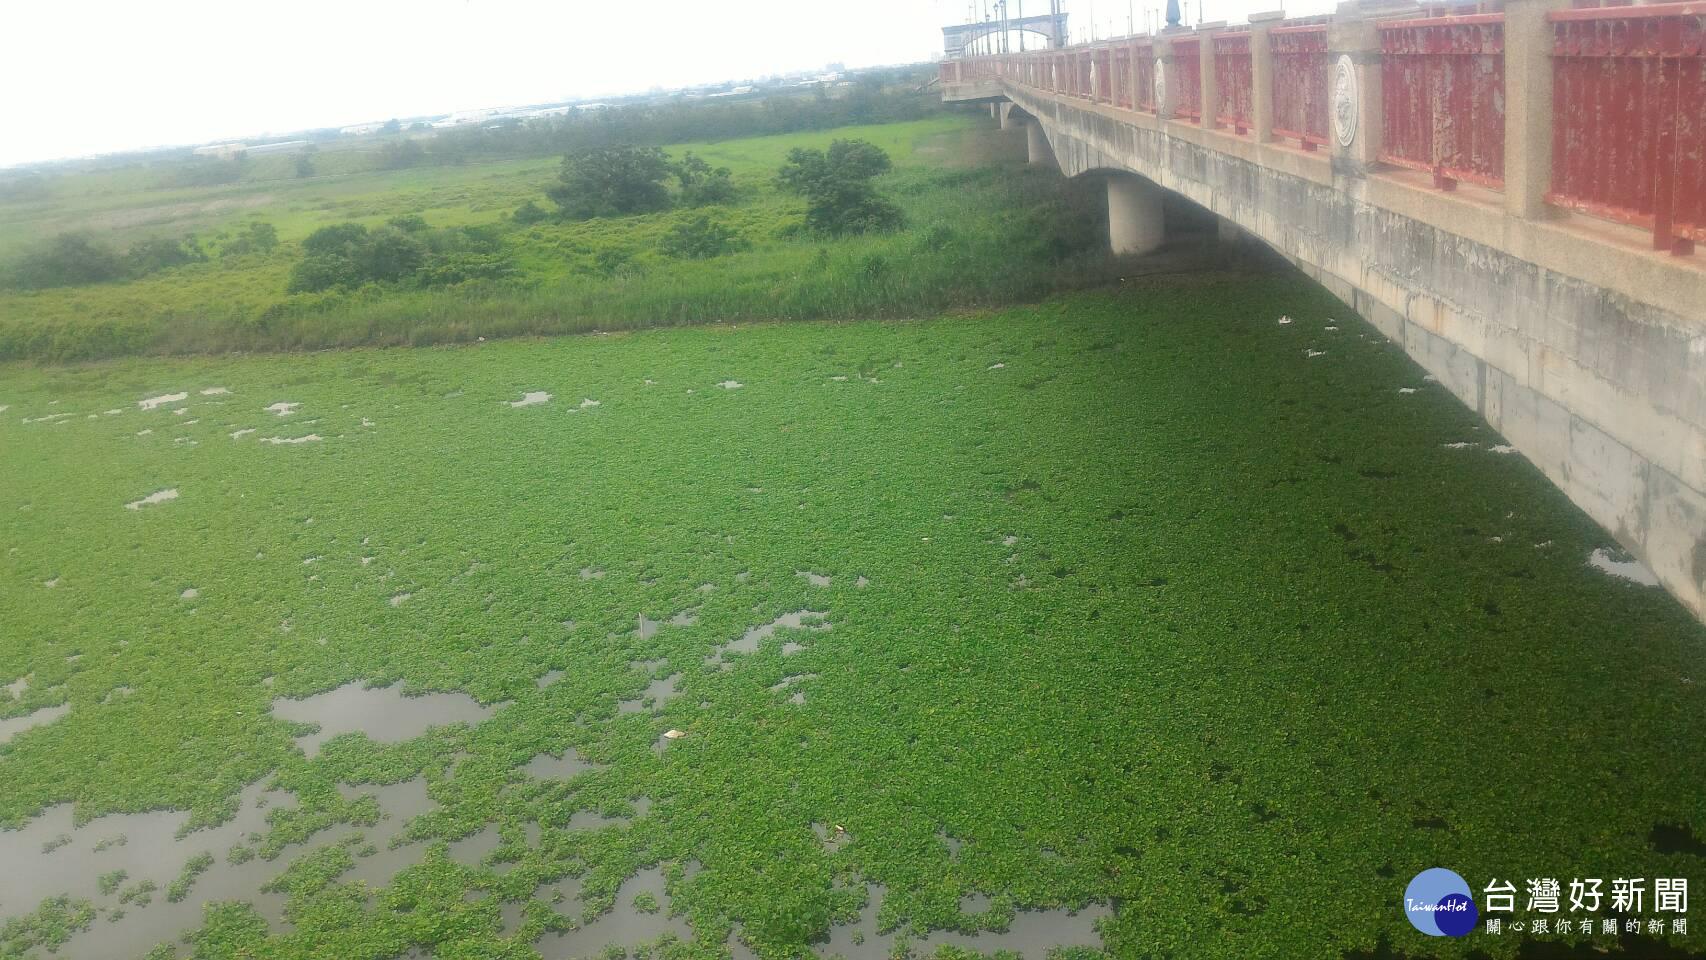 嘉縣府呼籲農漁民做好防汛措施 避免發生水產物疾病問題